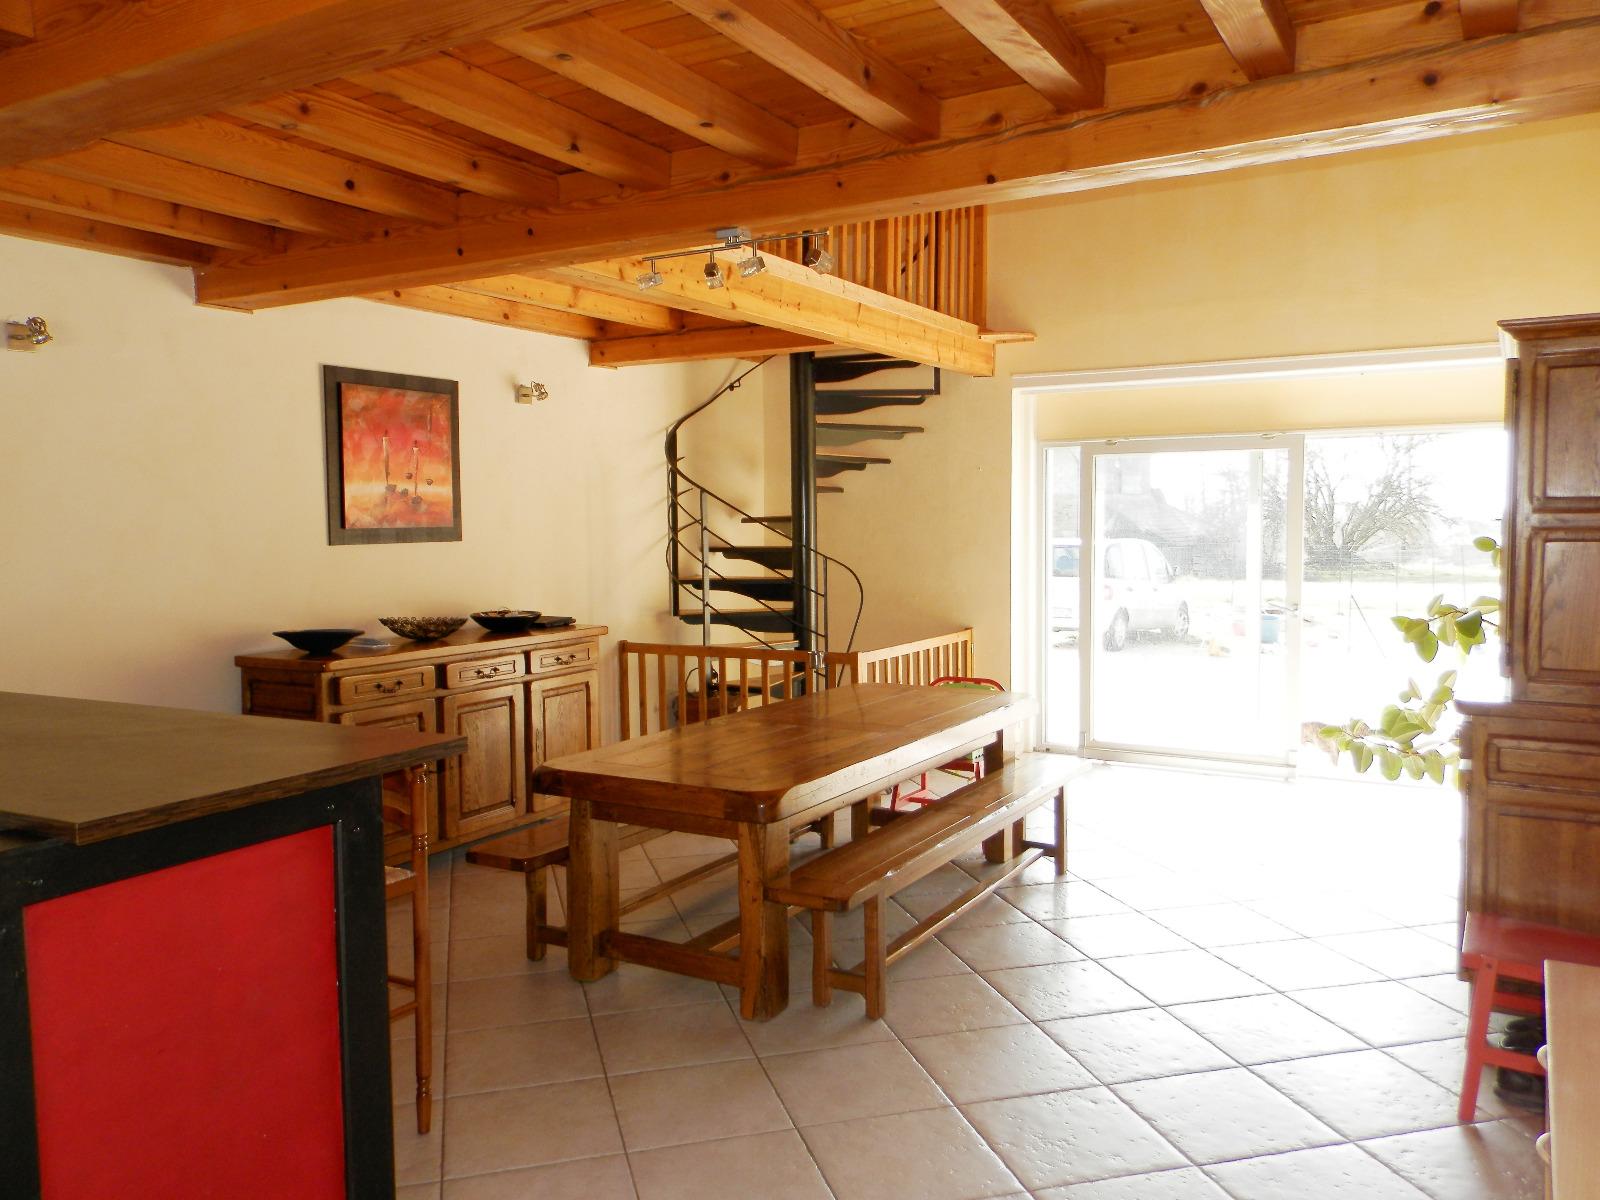 Vente axe lons le saunier dole maison 234 m sur terrain 4300 m 3d immobilier - Garage thevenod lons le saunier ...